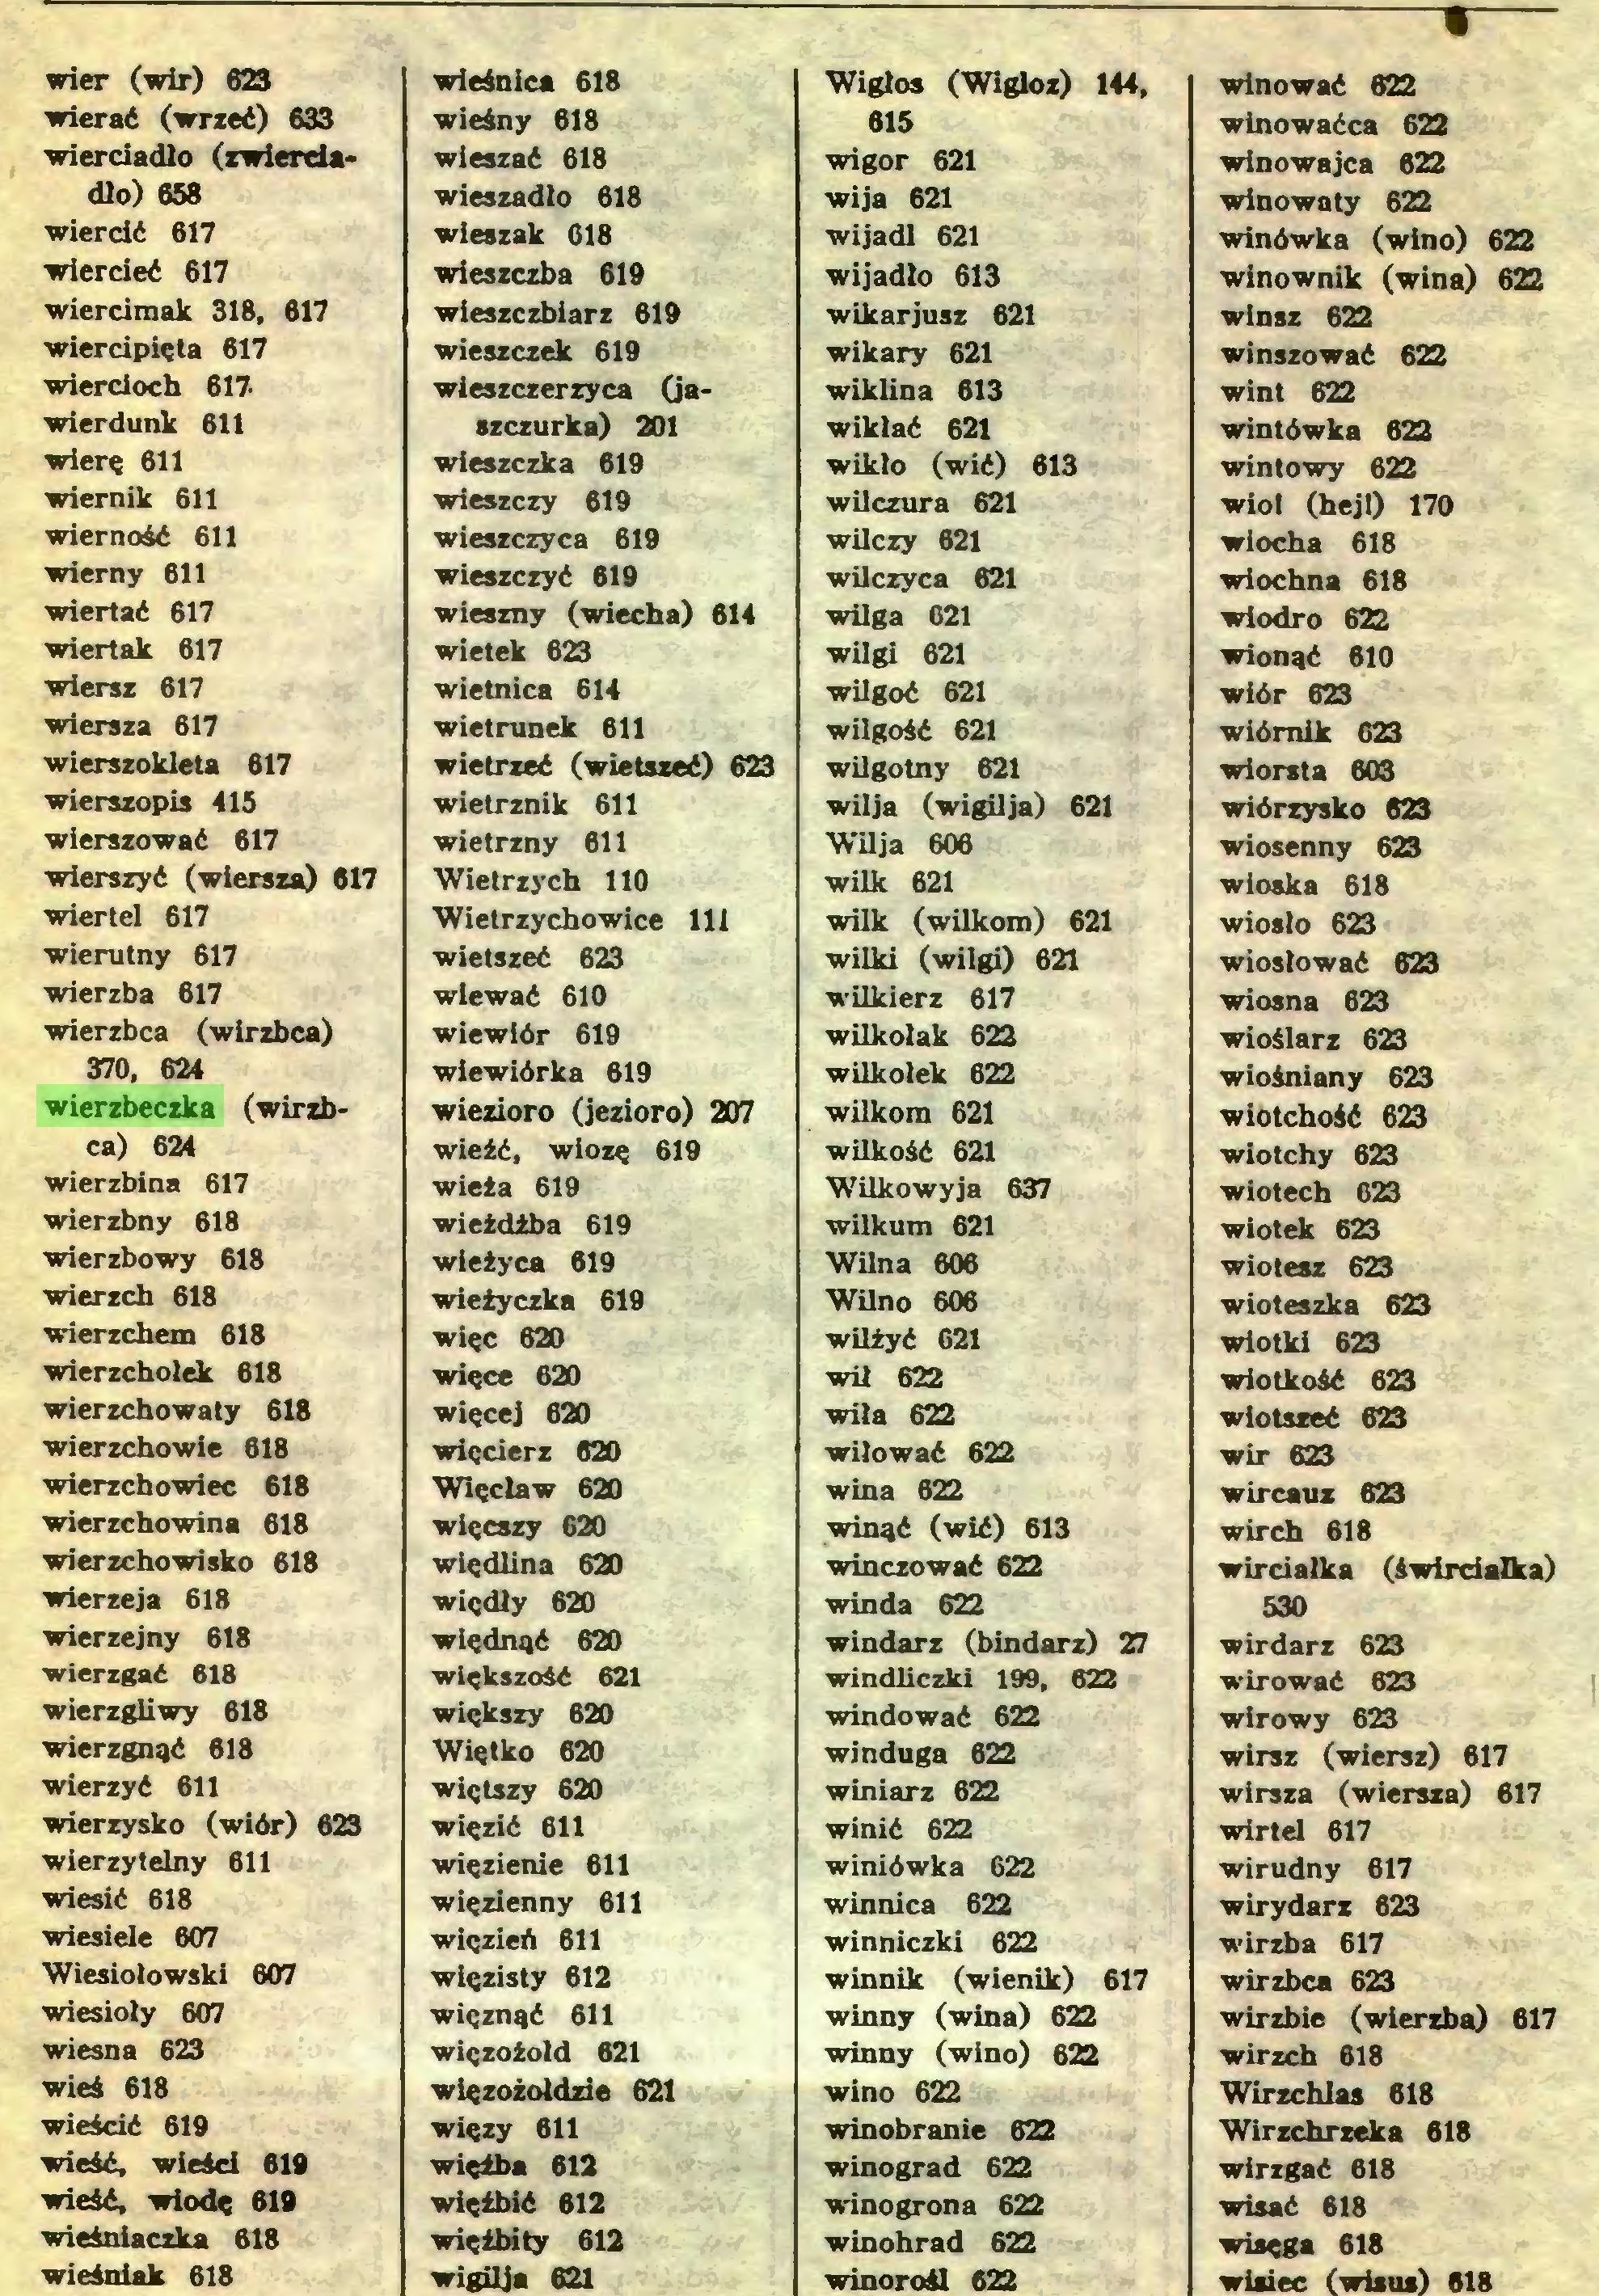 (...) Wiercioch 617. wierdunk 611 wierę 611 wiernik 611 wierność 611 wierny 611 wiertać 617 wiertak 617 wiersz 617 wiersza 617 wierszokleta 617 wierszopis 415 wierszować 617 wierszyć (wiersza) 617 wierteł 617 wierutny 617 wierzba 617 wierzbca (wirzbca) 370, 624 wierzbeczka (wirzbca) 624 wierzbina 617 wierzbny 618 wierzbowy 618 wierzch 618 wierzchem 618 wierzchołek 618 wierzchowaty 618 wierzchowie 618 wierzchowiec 618 wierzchowina 618 wierzchowisko 618 wierzeja 618 wierzejny 618 wierzgać 618 wierzgliwy 618 wierzgnąć 618 wierzyć 611 wierzysko (wiór) 623 wierzytelny 611 wiesić 618 wiesiele 607 Wiesiołowski 607 wiesioly 607 wiesna 623 wieś 618 wieścić 619 wieść, wieści 619 wieść, wiodę 619 wieśniaczka 618 wieśniak 618 wieśnica 618 wieśny 618 wieszać 618 wieszadło 618 wieszak 618 wieszczba 619 wieszczbiarz 619 wieszczek 619 wieszczerzyca (jaszczurka) 201 wieszczka 619 wieszczy 619 wieszczyca 619 wieszczyć 619 wieszny (wiecha) 614 wietek 623 wietnica 614 wietrunek 611 wietrzeć (wietszeć) 623 wietrznik 611 wietrzny 611 Wietrzych 110 Wietrzychowice Ili wietszeć 623 wiewać 610 wiewidr 619 wiewiórka 619 wiezioro (jezioro) 207 wieźć, wiozę 619 wieża 619 wieżdiba 619 wieżyca 619 wieżyczka 619 więc 620 więce 620 więcej 620 więcierz 620 Więcław 620 więcszy 620 więdlina 620 więdły 620 więdnąć 620 większość 621 większy 620 Więtko 620 więtszy 620 więzić 611 więzienie 611 więzienny 611 więzień 611 więzisty 612 więznąć 611 więzoźołd 621 więzoiołdzie 621 więzy 611 więźba 612 więźbić 612 więźbity 612 wigilja 621 Wigłos (Wigloz) 144, 615 wigor 621 wija 621 wijadl 621 wijadło 613 wikarjusz 621 wikary 621 wiklina 613 wikłać 621 wikło (wić) 613 wilczura 621 wilczy 621 wilczyca 621 wilga 621 wilgi 621 wilgoć 621 wilgość 621 wilgotny 621 wilja (wigilja) 621 WUja 606 wilk 621 wilk (wilkom) 621 wilki (wilgi) 621 wilkierz 617 wilkołak 622 wilkołek 622 wilkom 621 wilkość 621 Wilkowyja 637 wilkum 621 WUna 606 Wilno 606 wilżyć 621 wił 622 wiła 622 wiłować 622 wina 622 winąć (wić) 613 winczować 622 